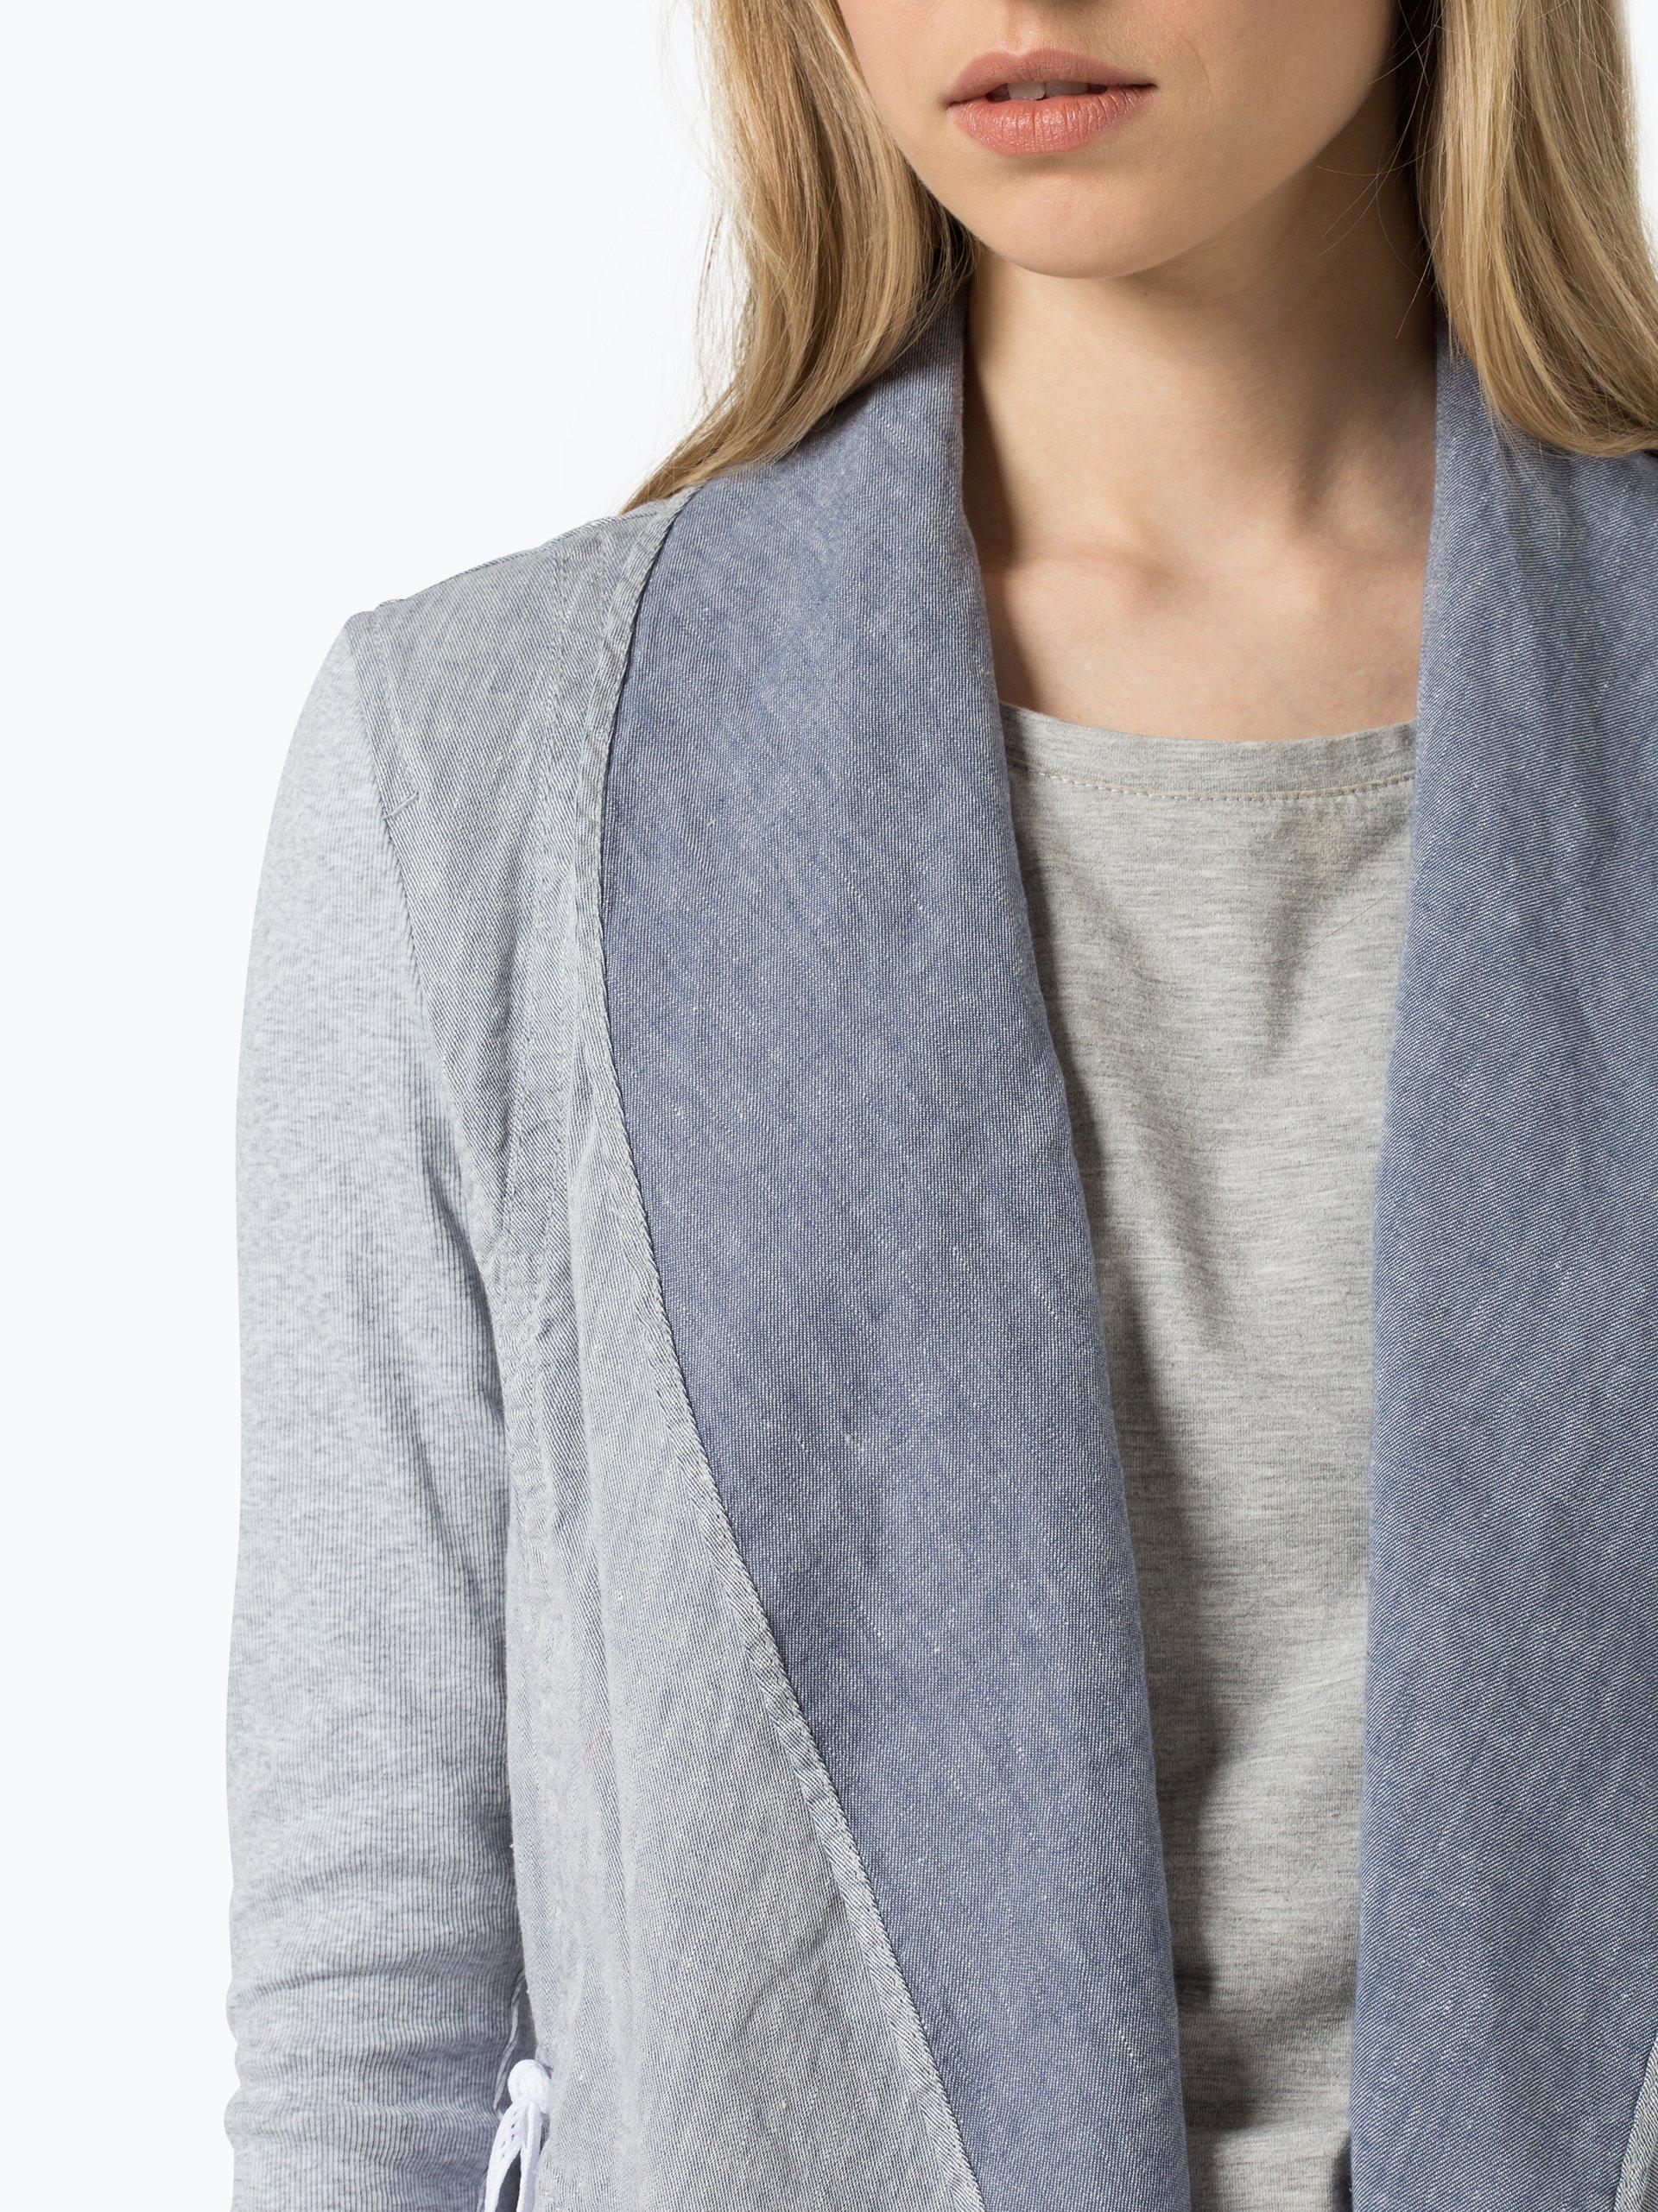 marc cain sports damen blazer mit leinen anteil blau hellblau uni online kaufen vangraaf com. Black Bedroom Furniture Sets. Home Design Ideas